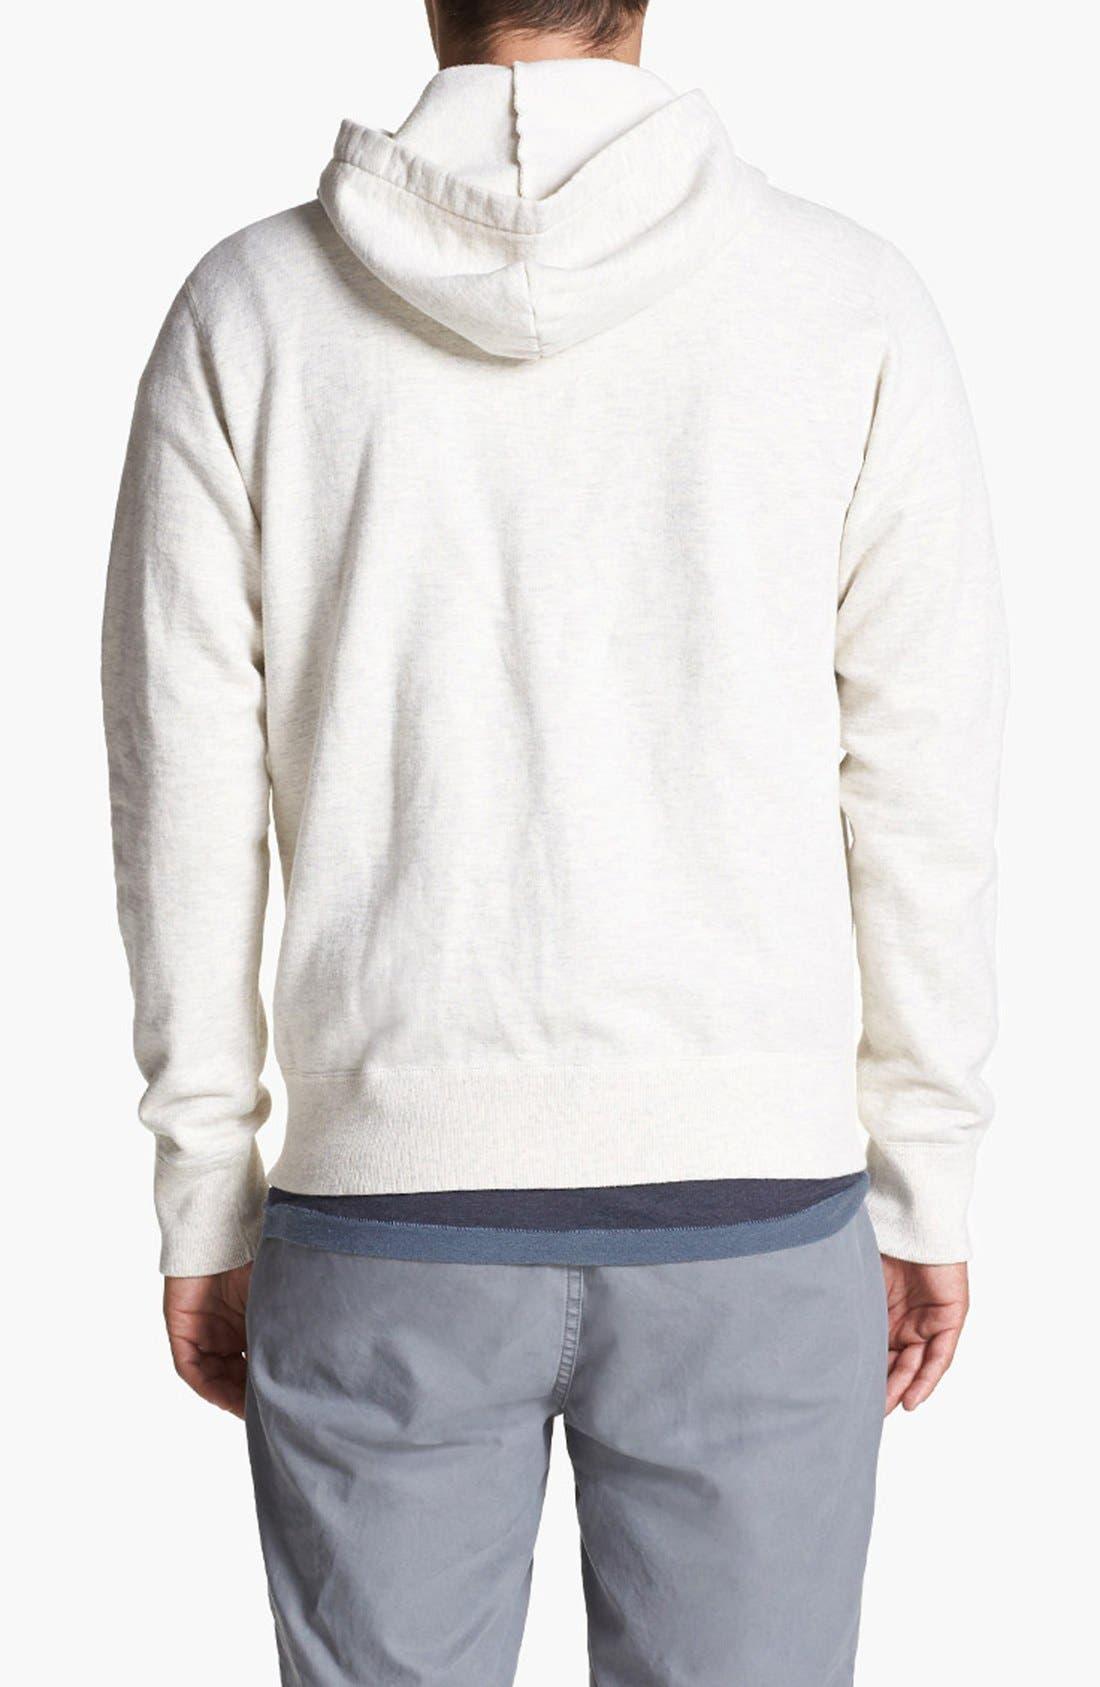 Chino Shorts,                             Alternate thumbnail 4, color,                             030